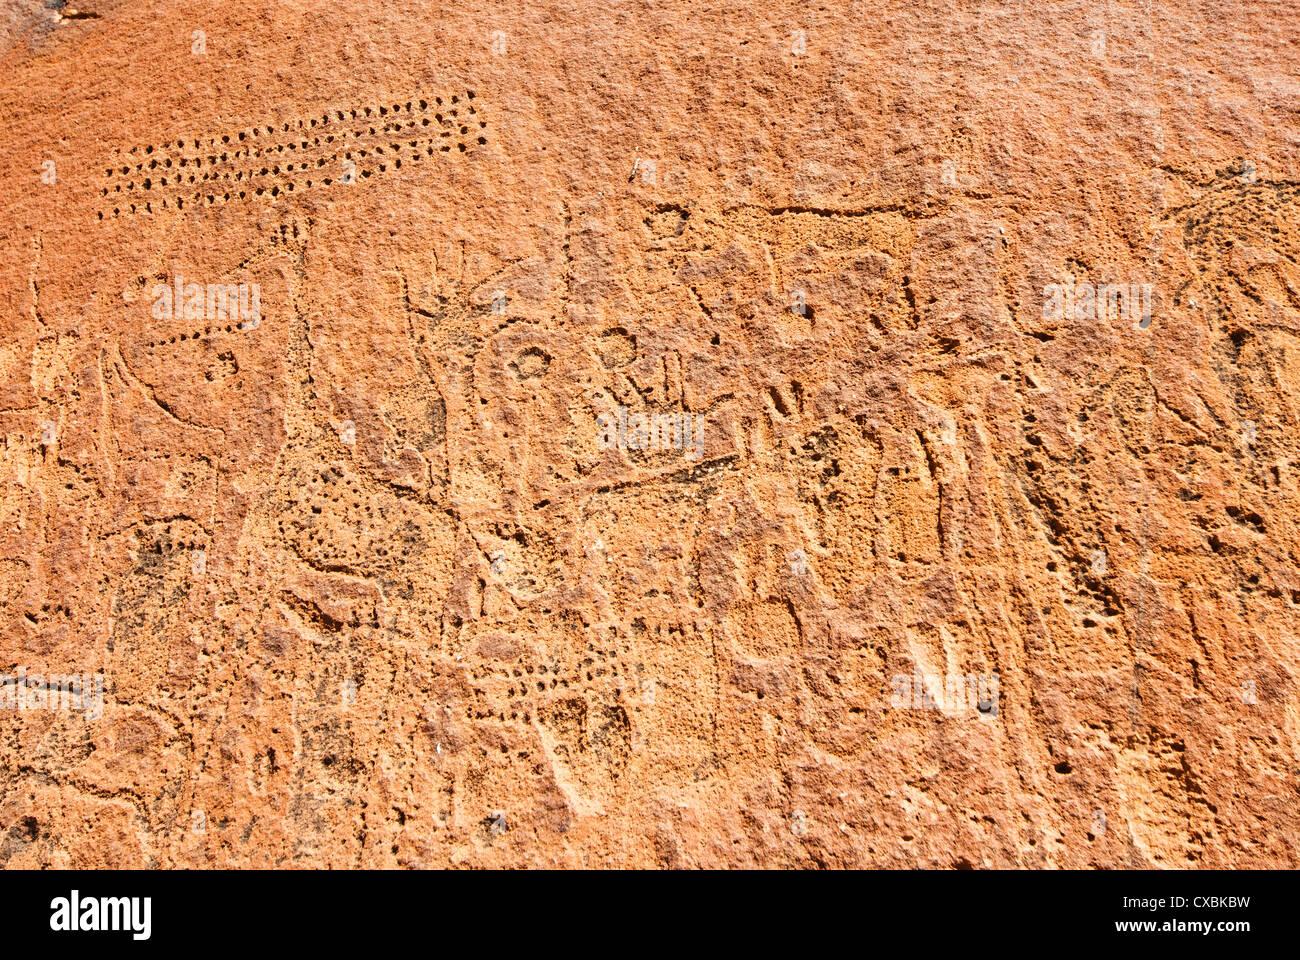 Gravures près de Twyfelfontein Lodge, Twyfelfontein, Damaraland, région de Kunene, Namibie, Afrique Banque D'Images